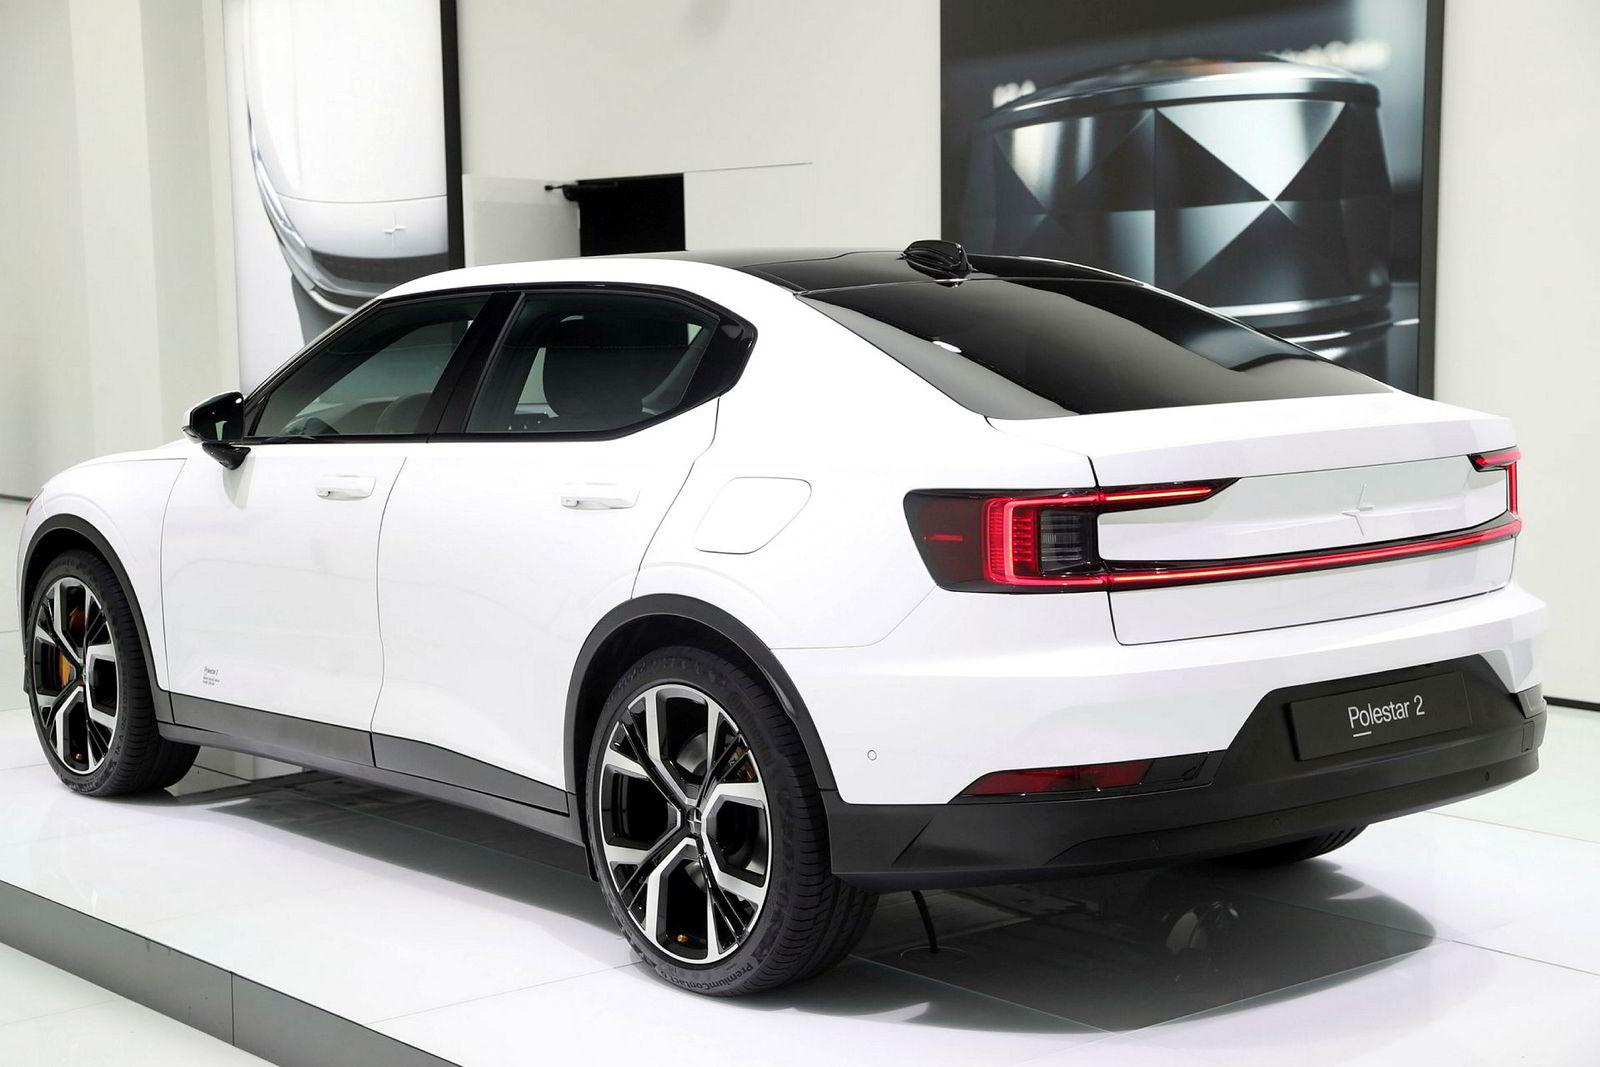 Polestar 2 er en avlegger av Volvo, og kommer i starten av neste år. Prisen blir fra i underkant av 400.000 kroner.